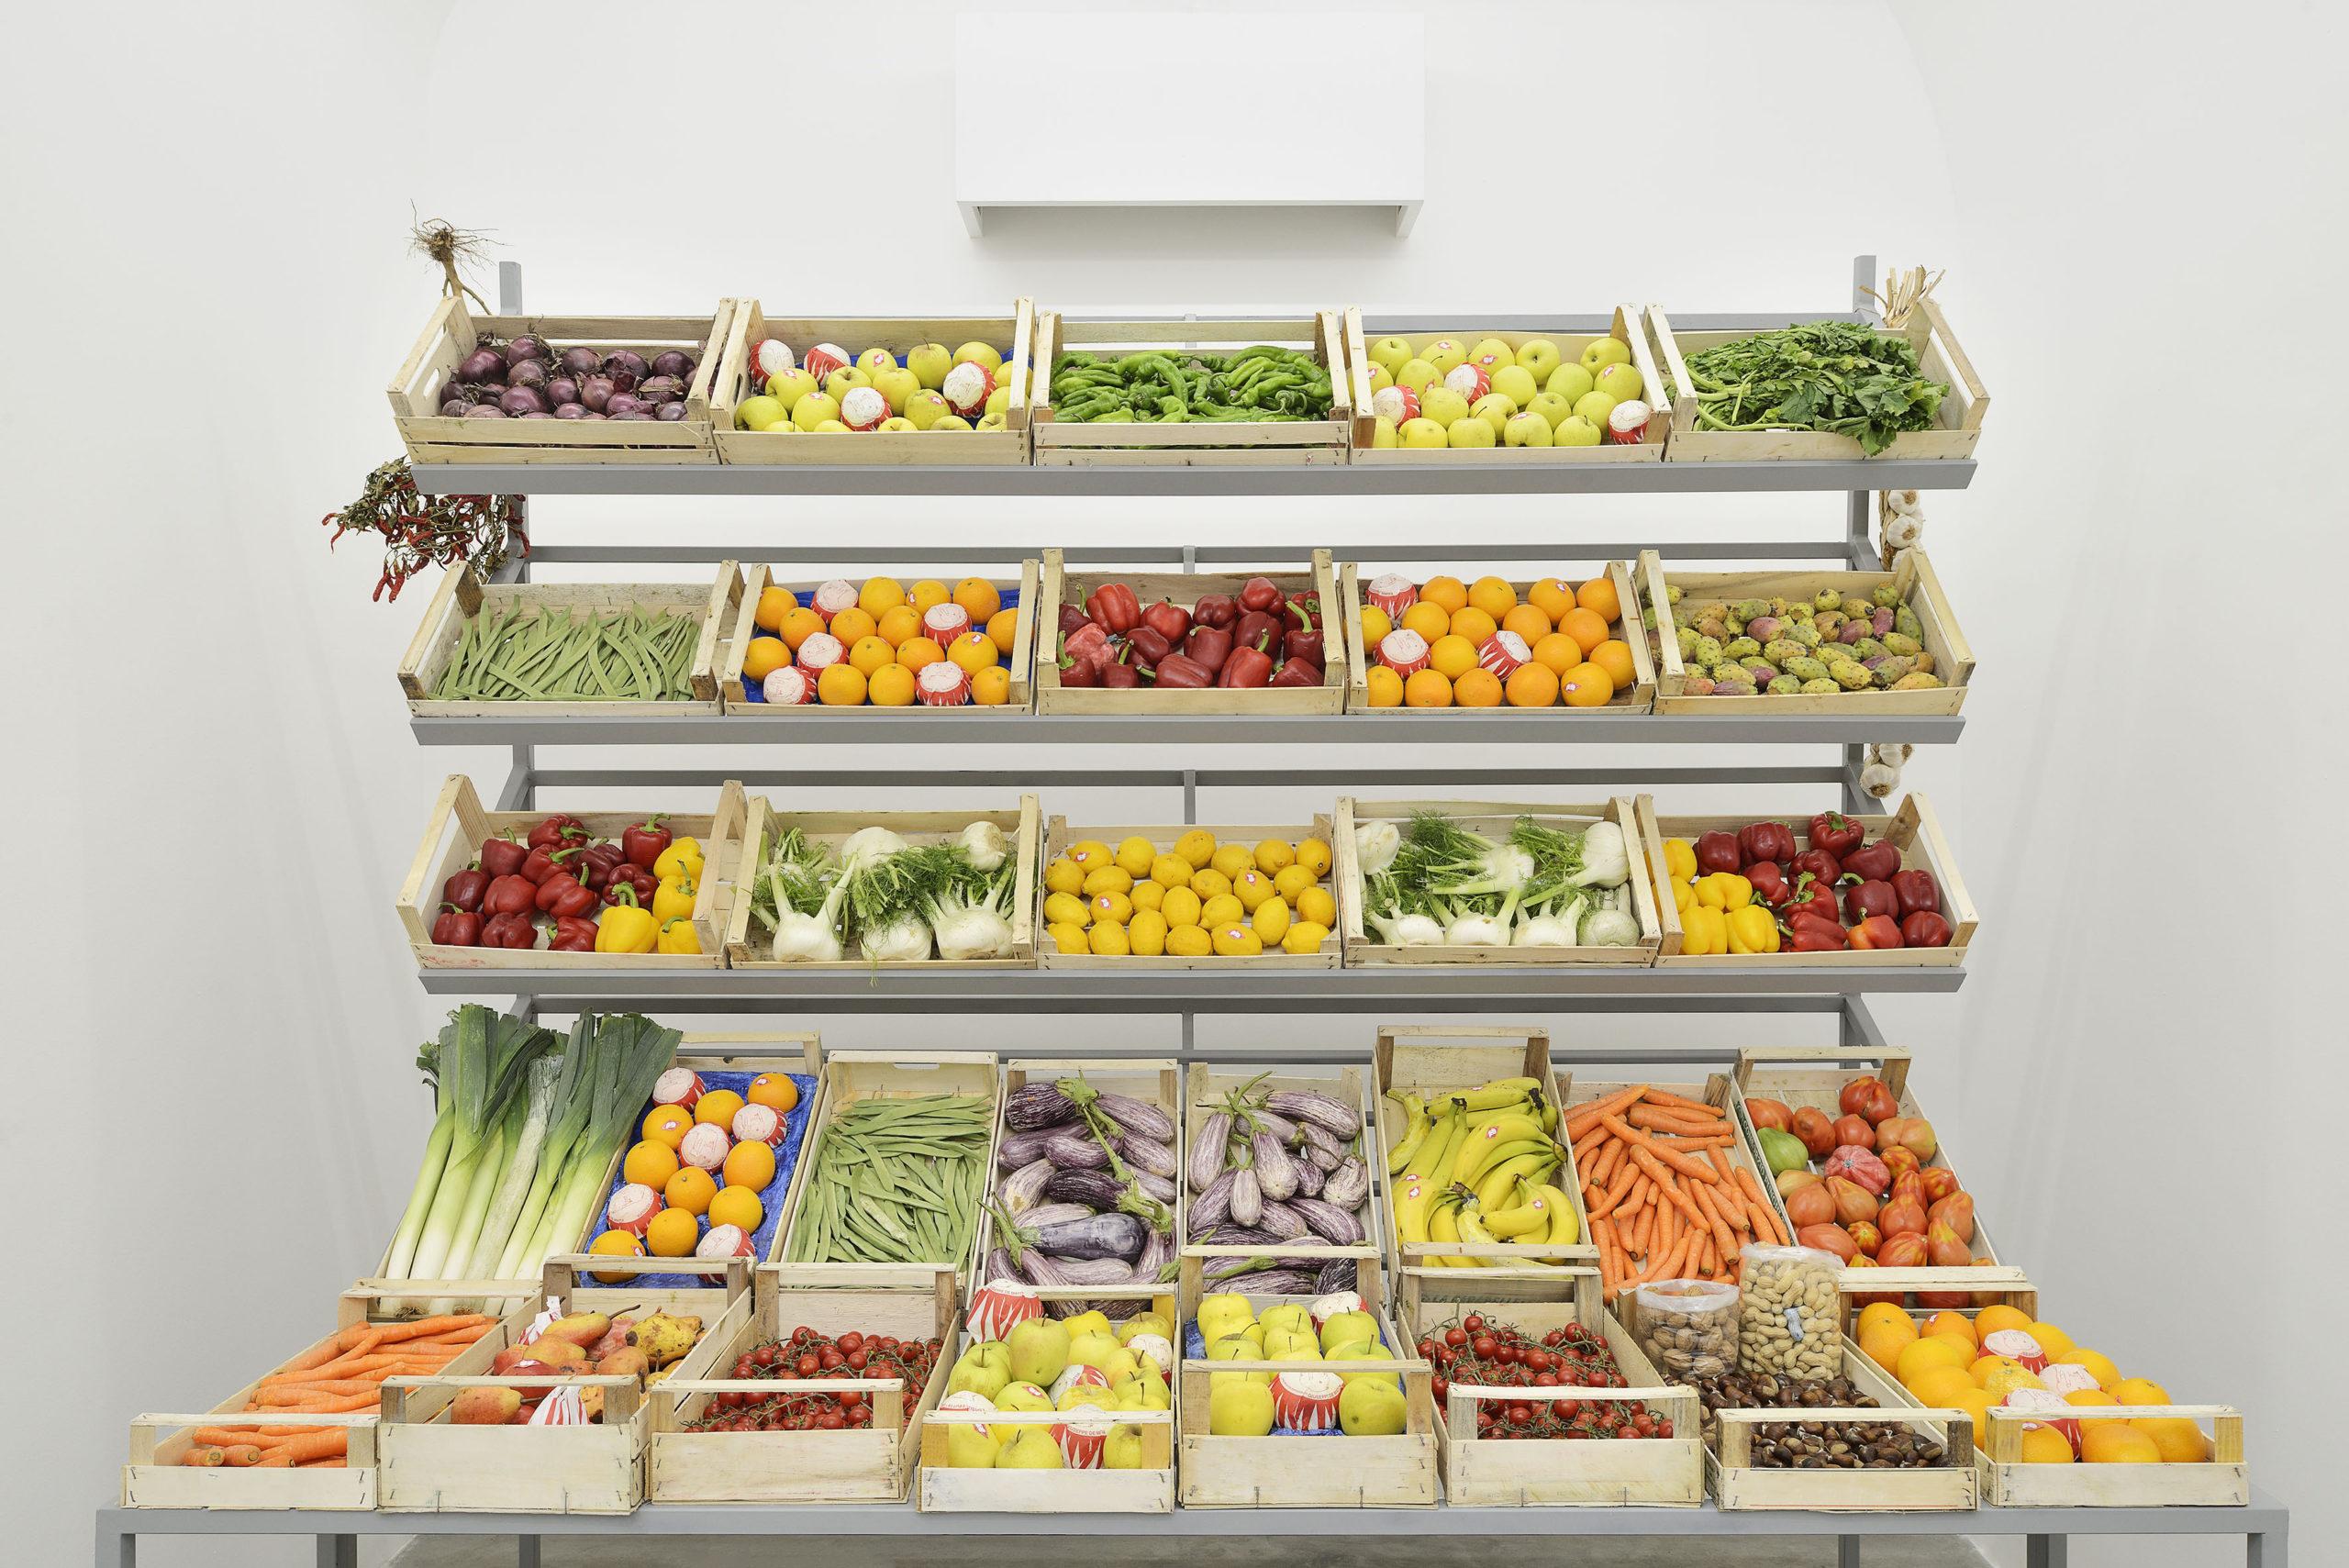 L'Esposizione di frutta e verdura di Giuseppe De Mattia: la mostra a Roma